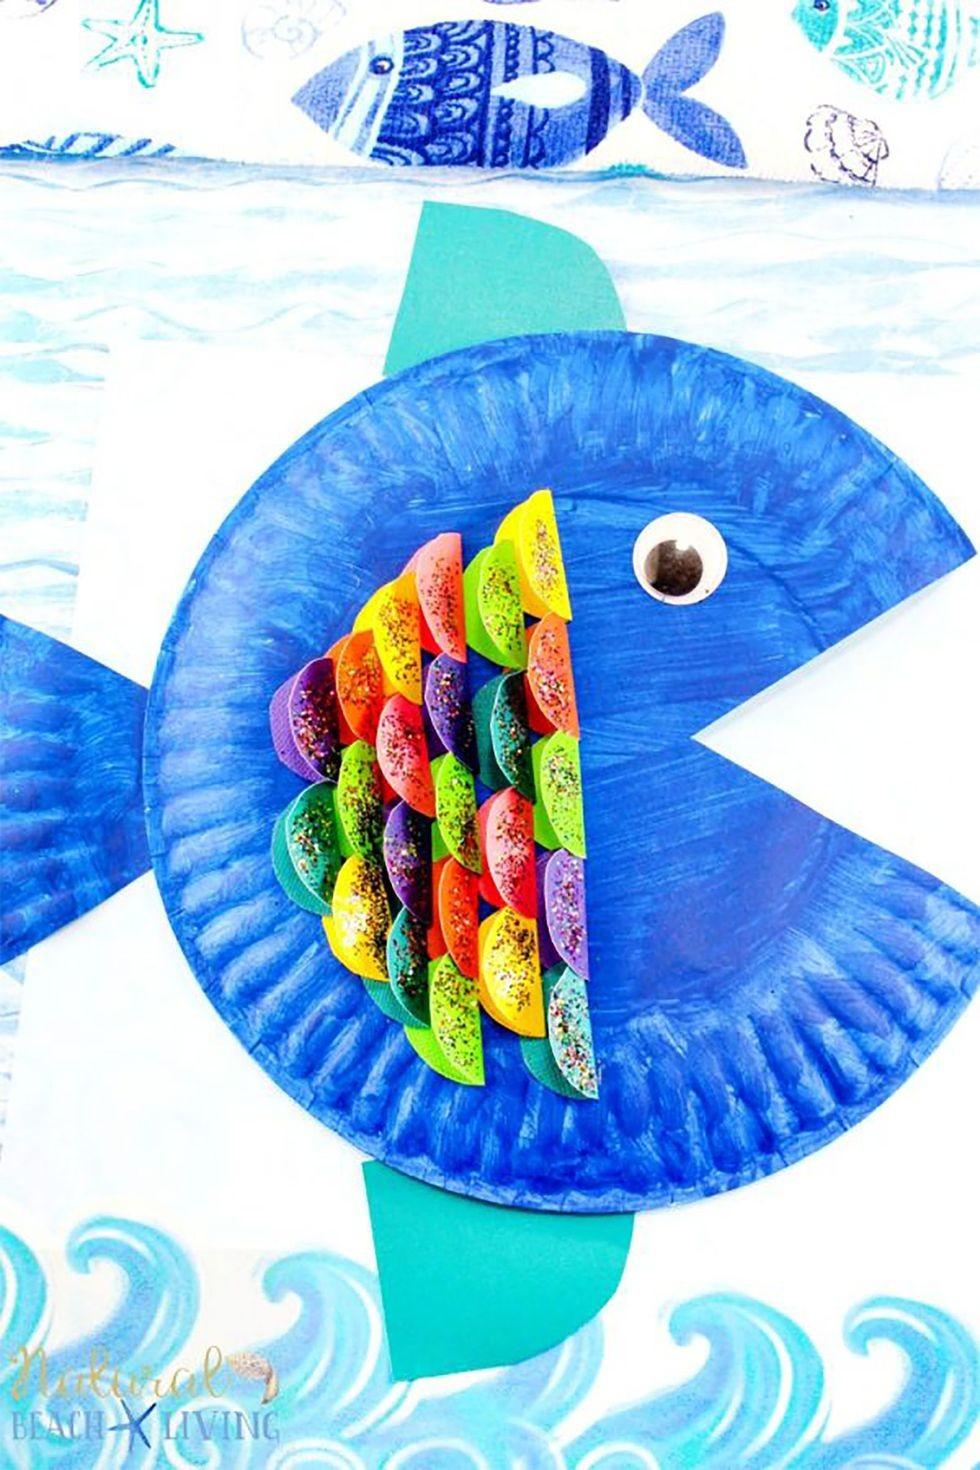 حرف يدوية للأطفال - سمكة قوس قزح من الورق